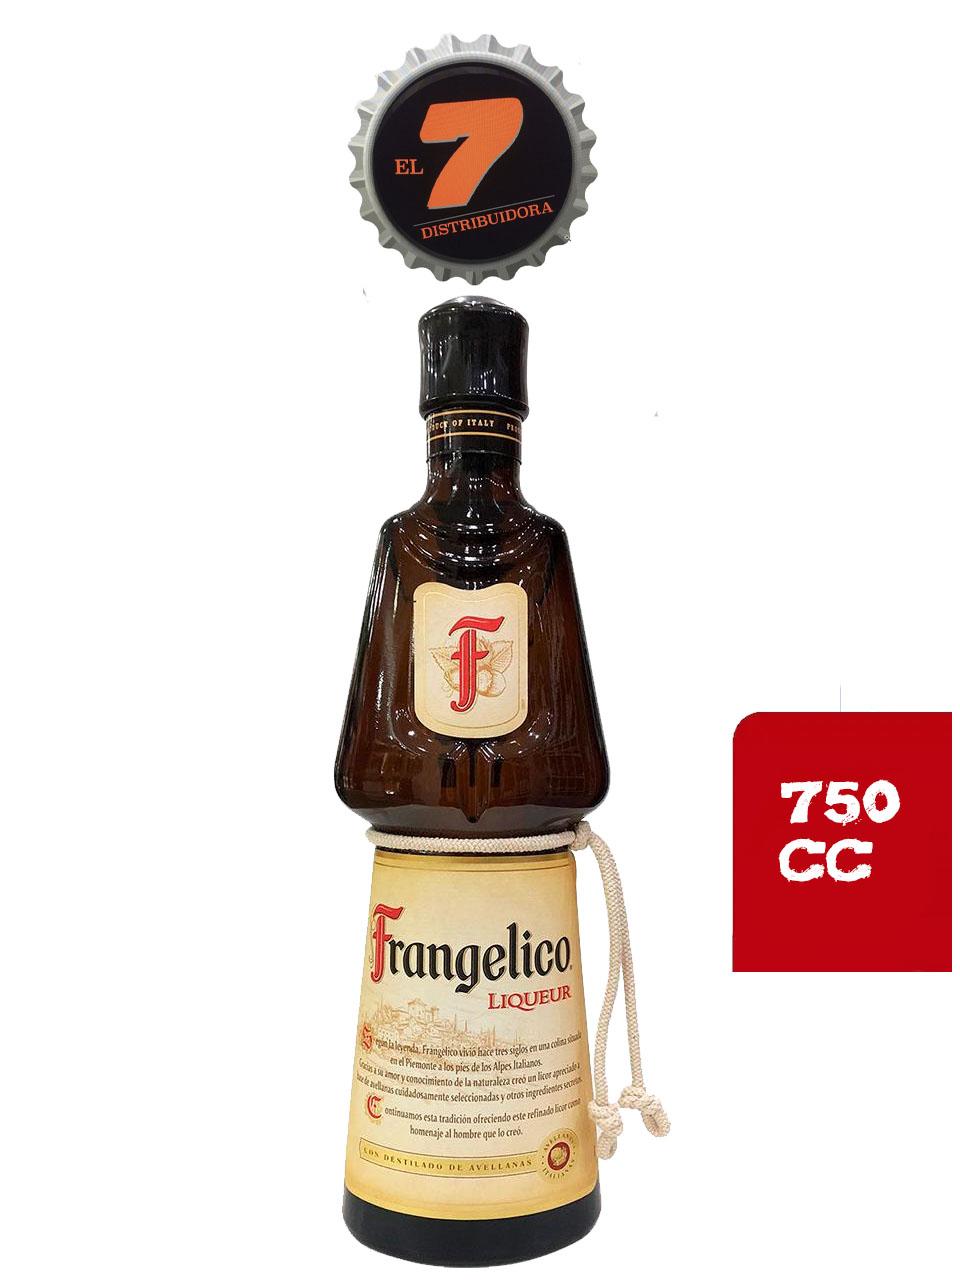 Frangelico 750 CC